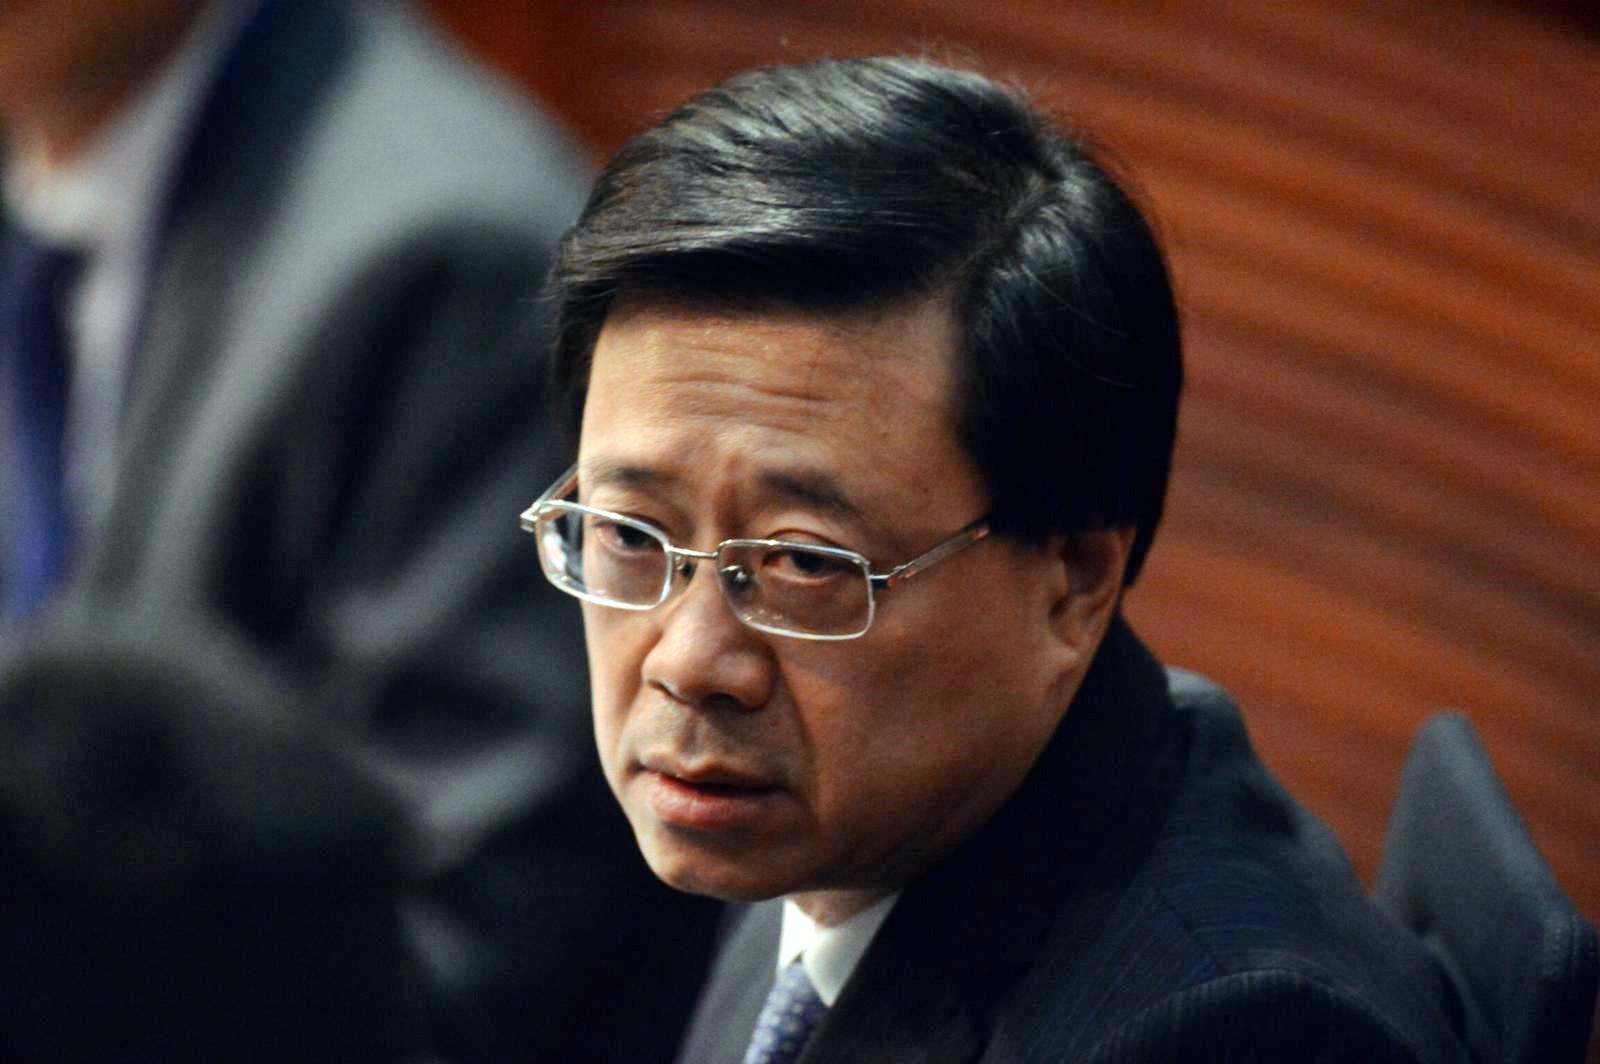 李家超出席會議時就因《逃犯條例》引起的社會紛爭而致歉。